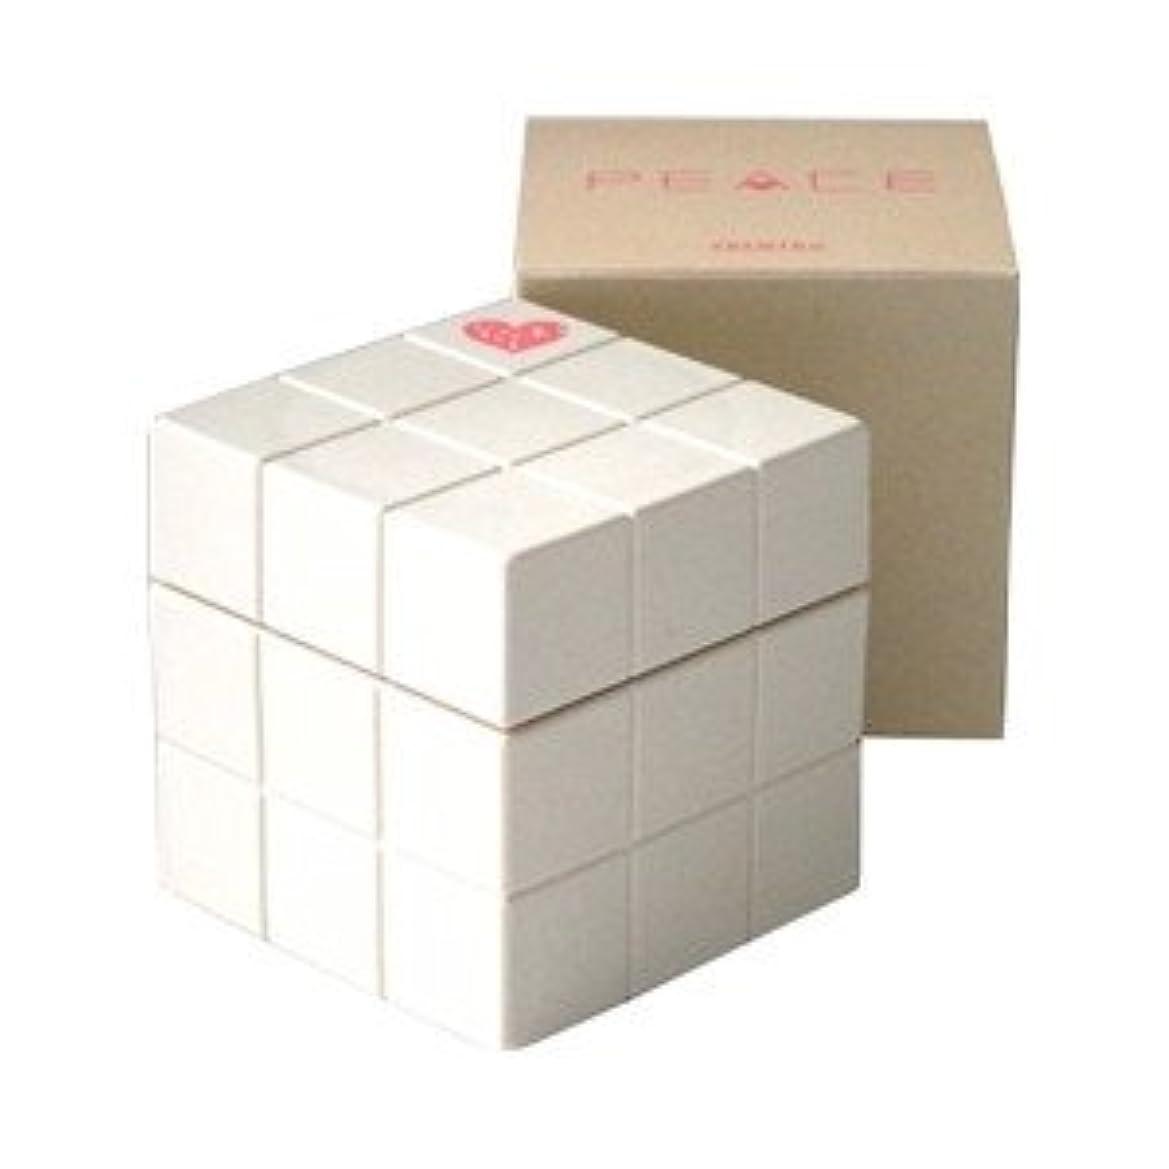 面積キウイ移住するアリミノ ピース ニュアンス wax (バニラ) 80g